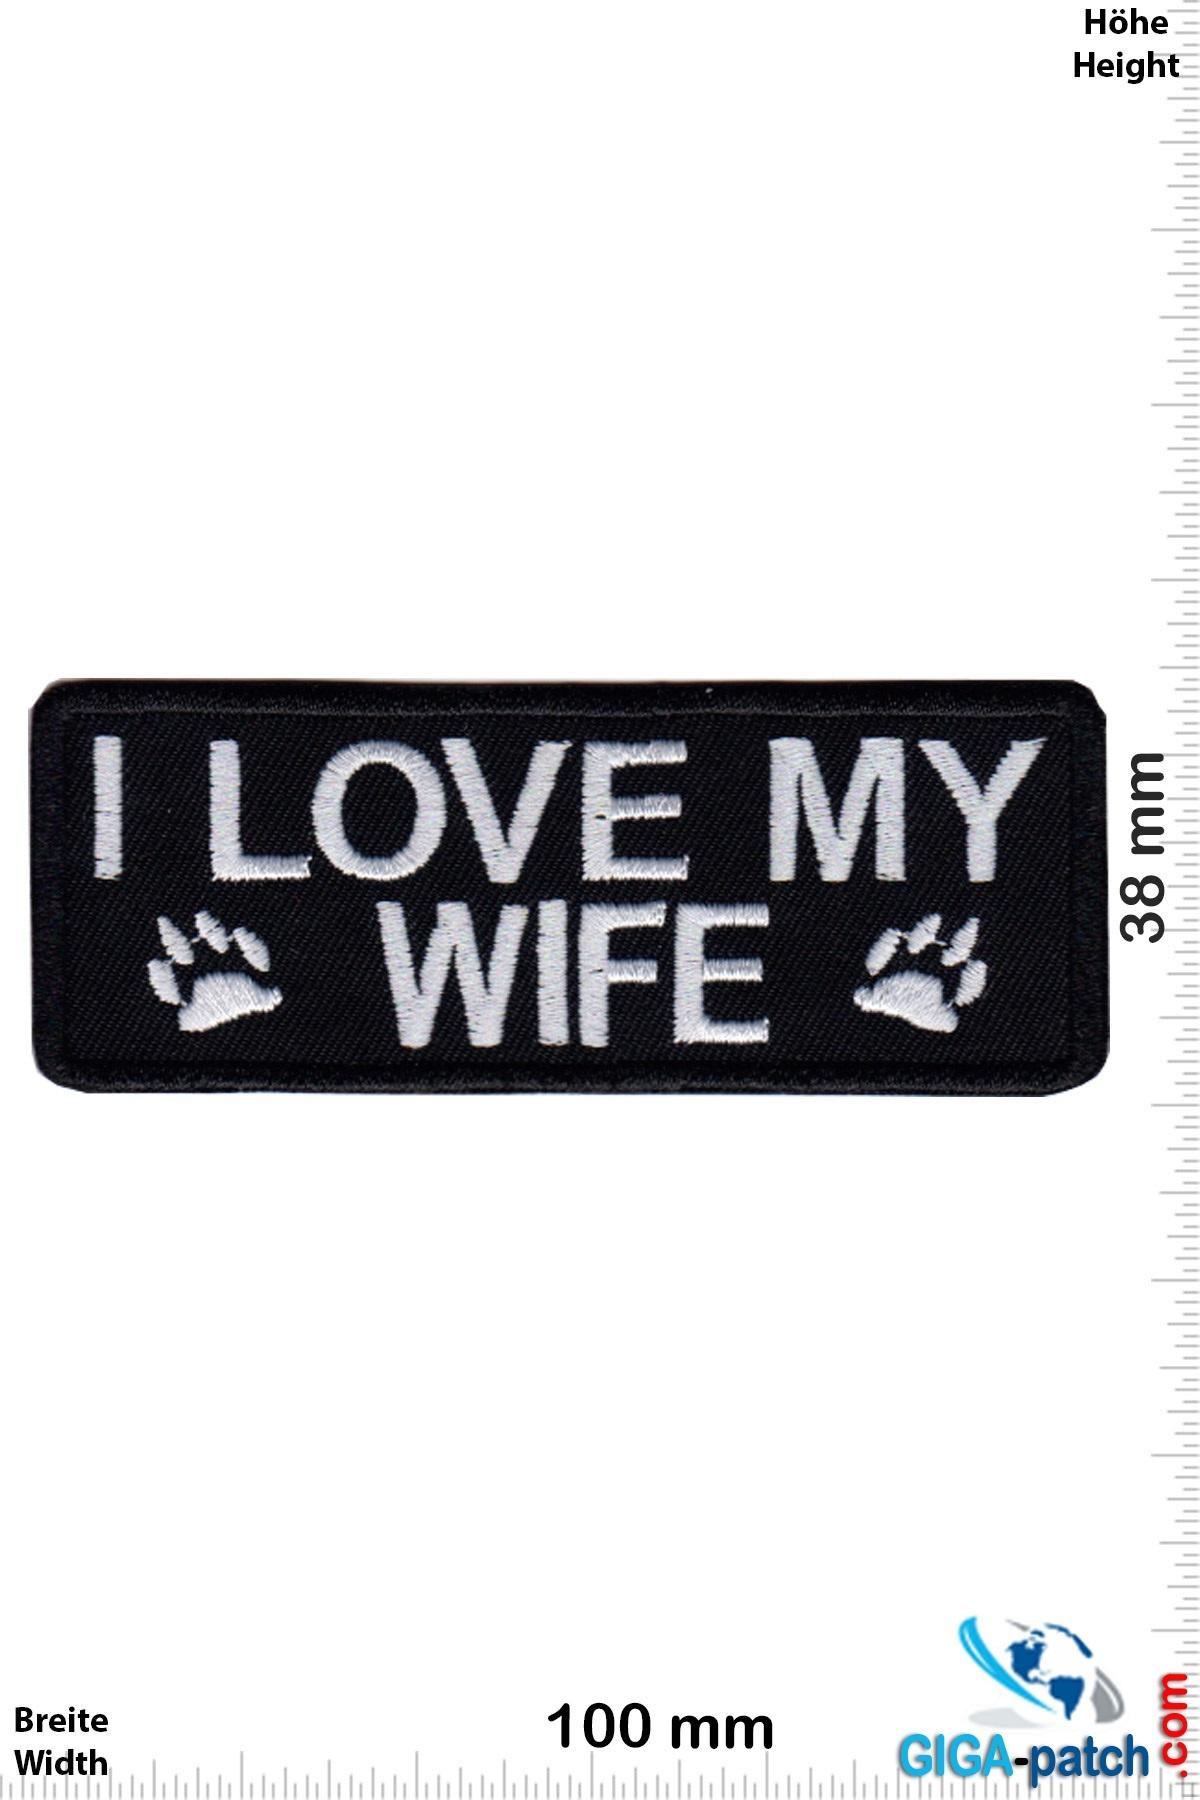 Sprüche, Claims I love my  Wife